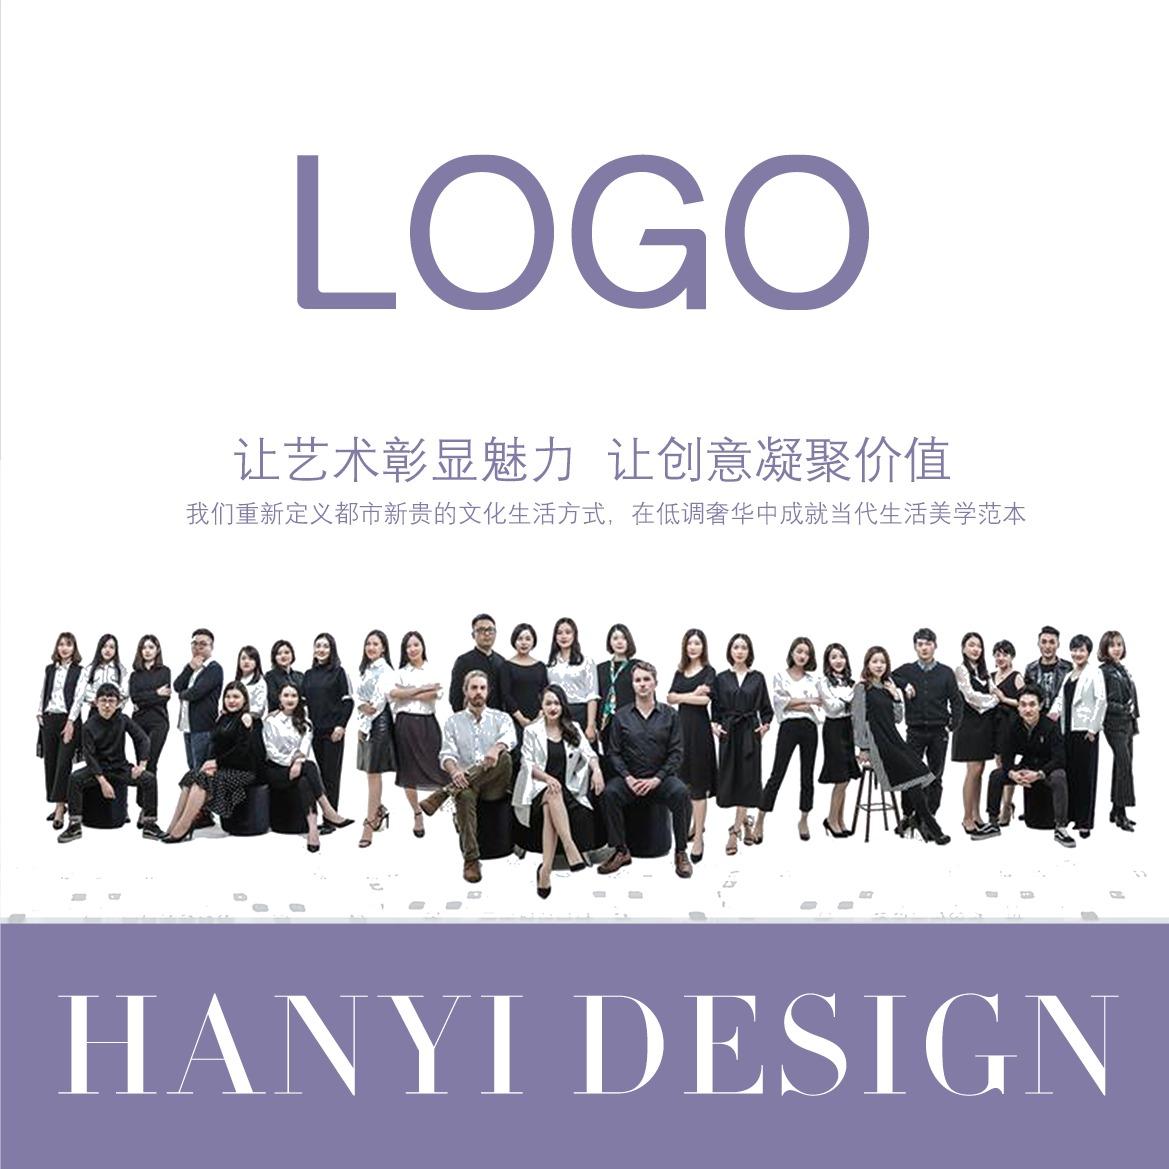 【品牌设计-资深版】公司企业标志logo产品商标高端定制设计